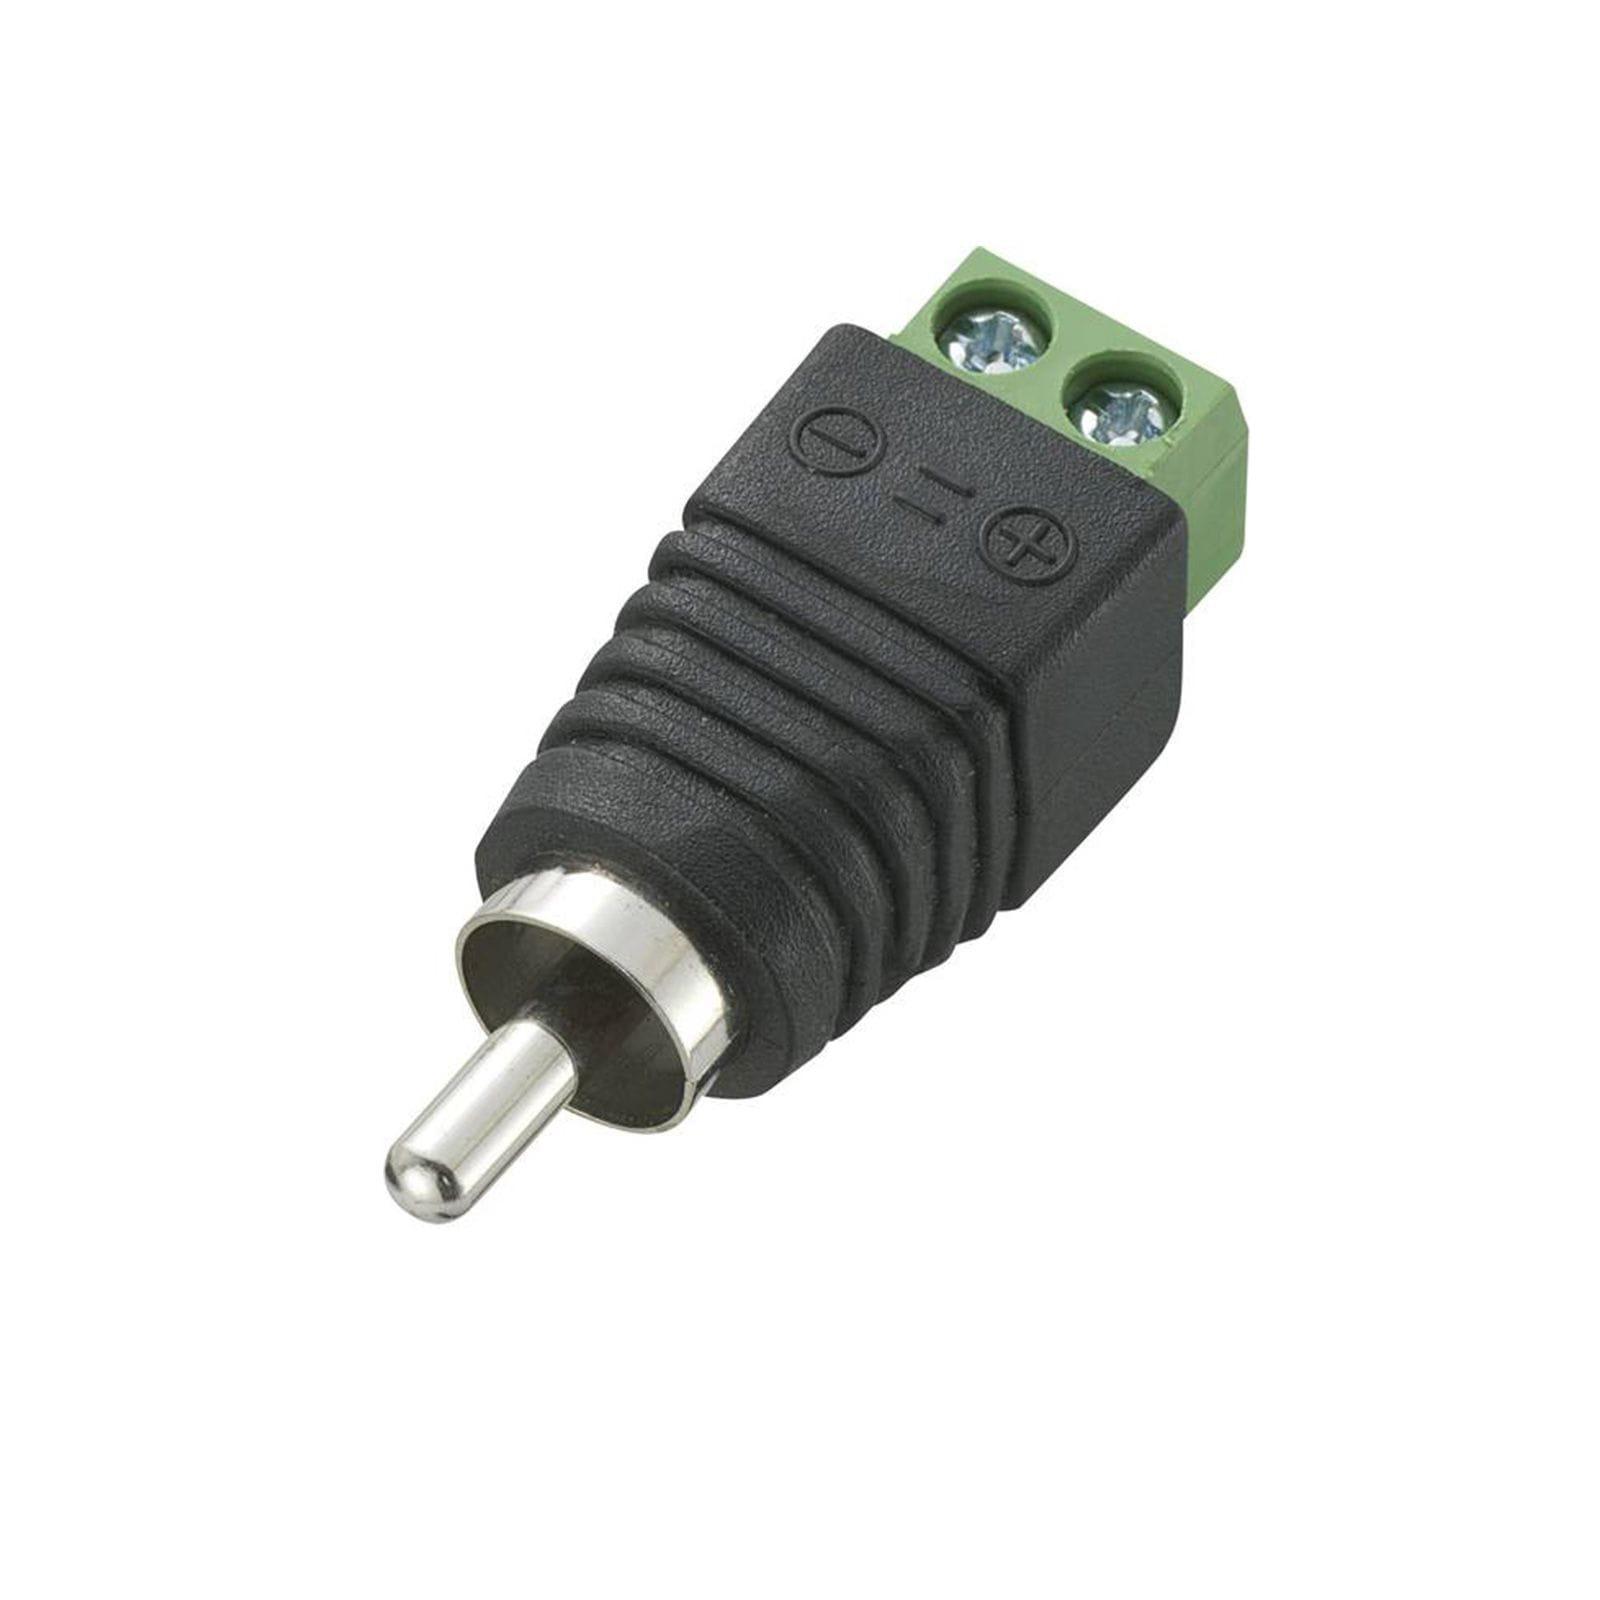 Connecteur électrique | RCA male | À visser